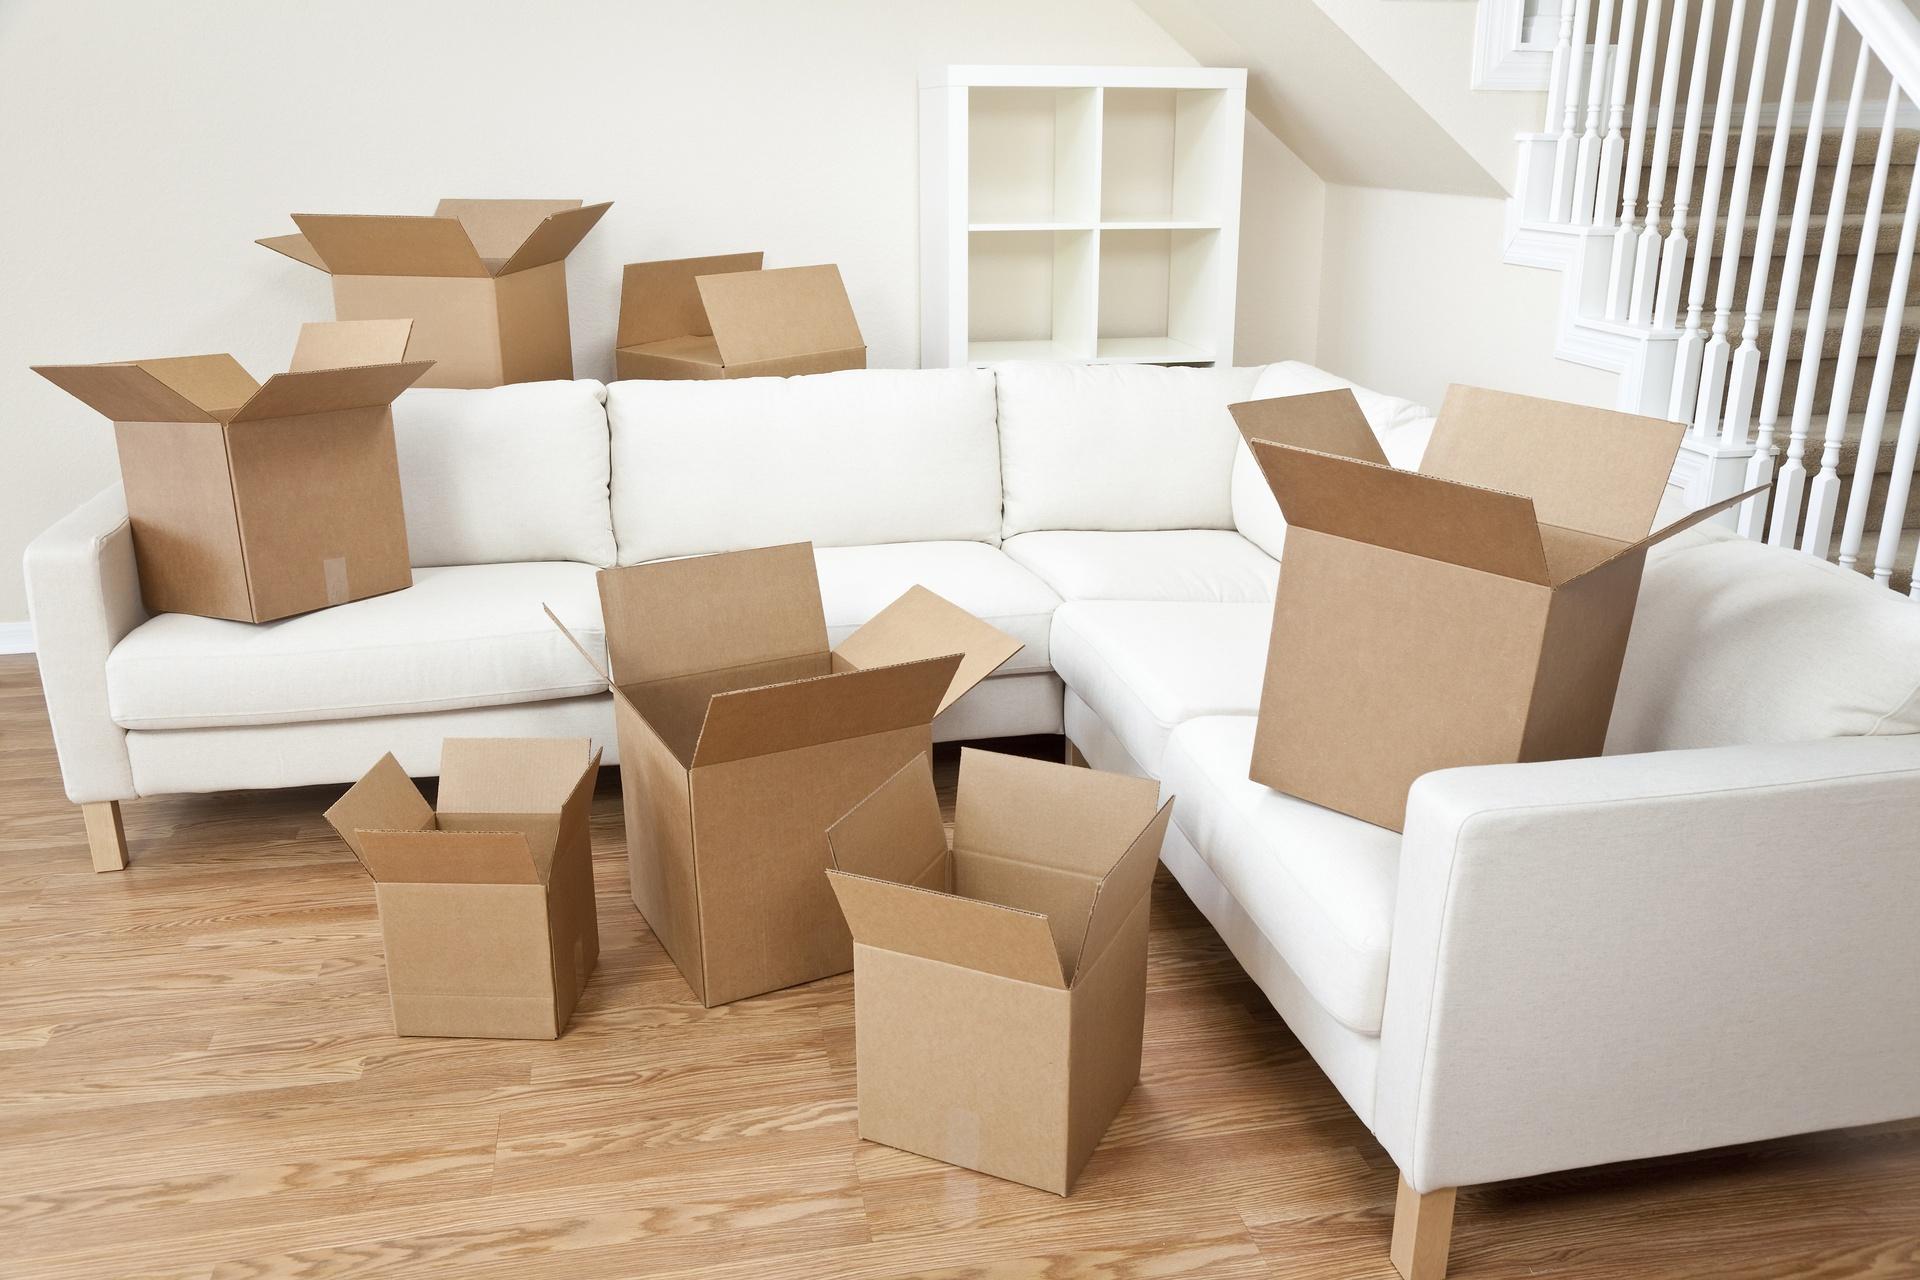 3 công dụng có thể bạn chưa biết về thùng carton